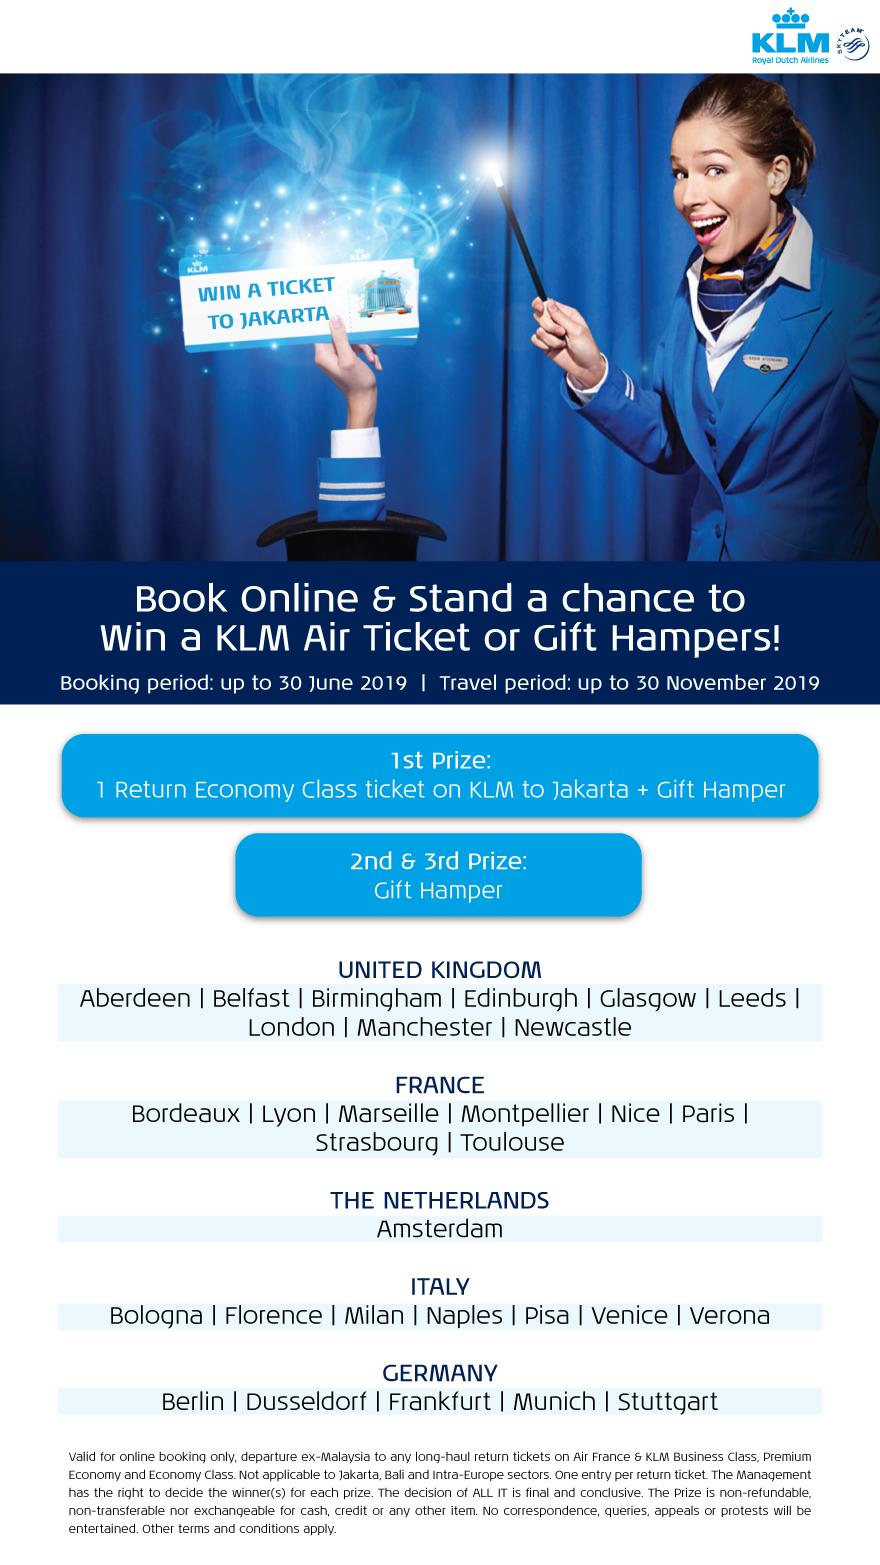 KLM WB AF KLM 2 Final